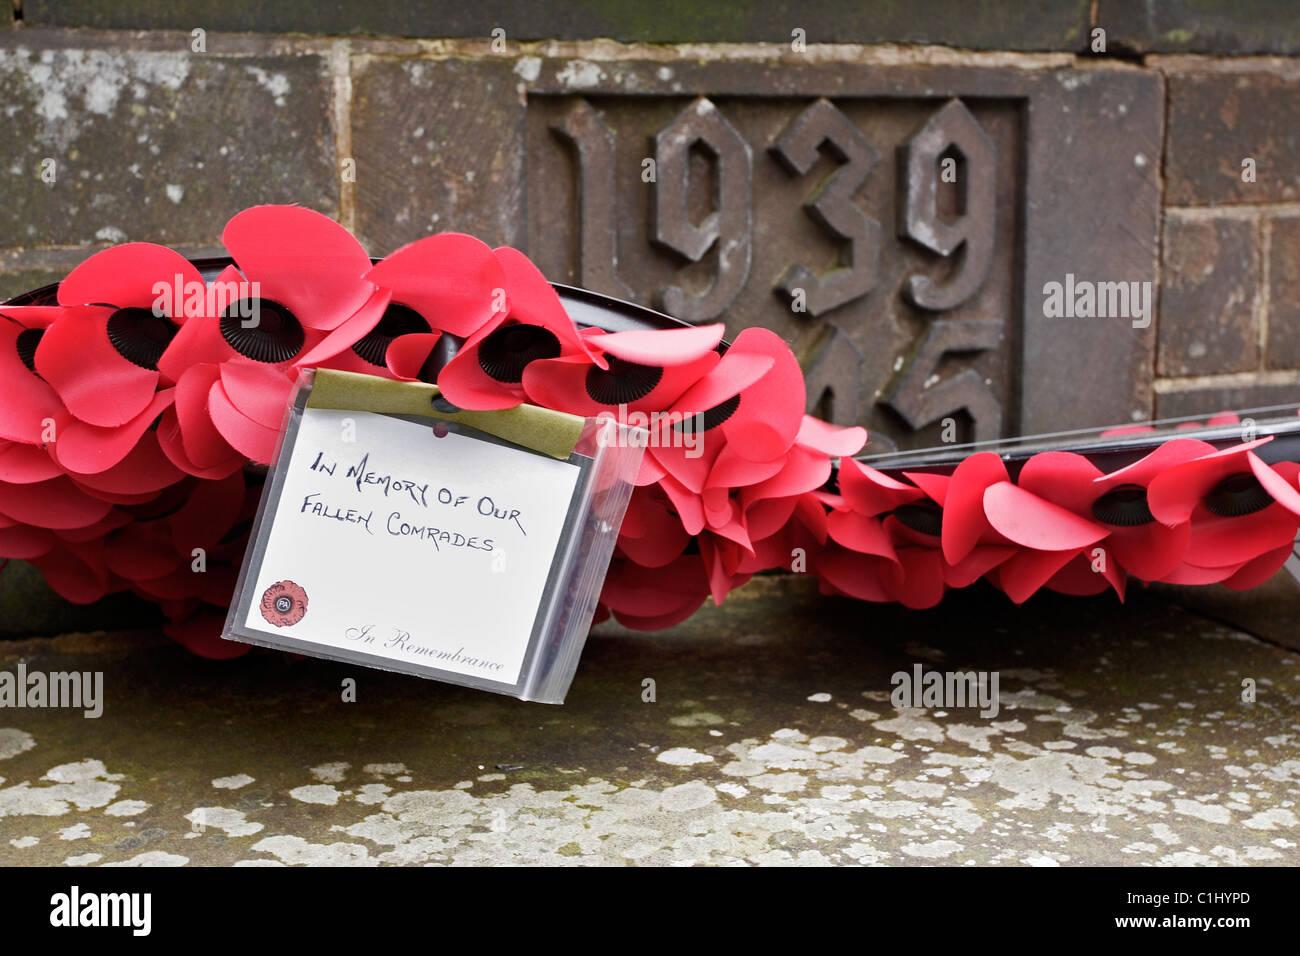 Un coquelicot gerbe mis en mémoire de leurs camarades tombés au combat Photo Stock